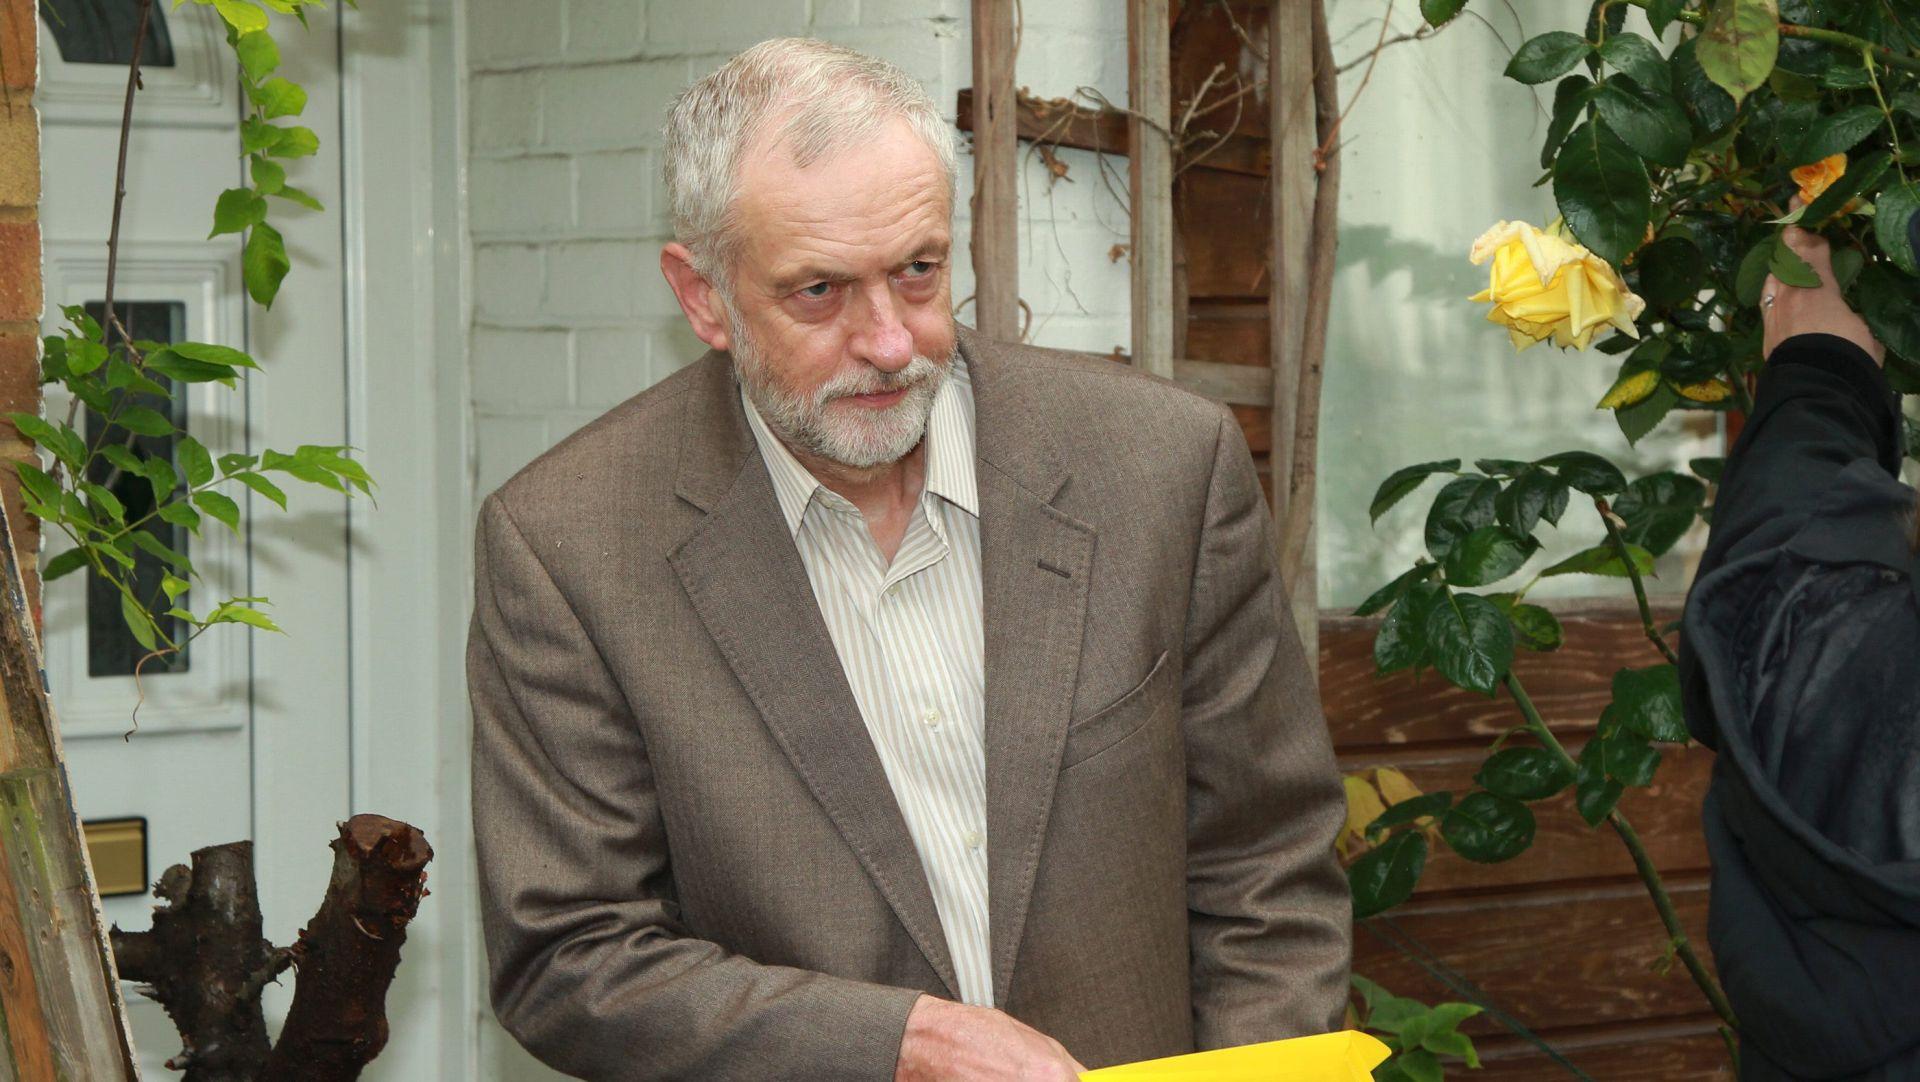 BREXIT Čelniku Laburista Corbynu izglasano nepovjerenje, ali odbija podnijeti ostavku